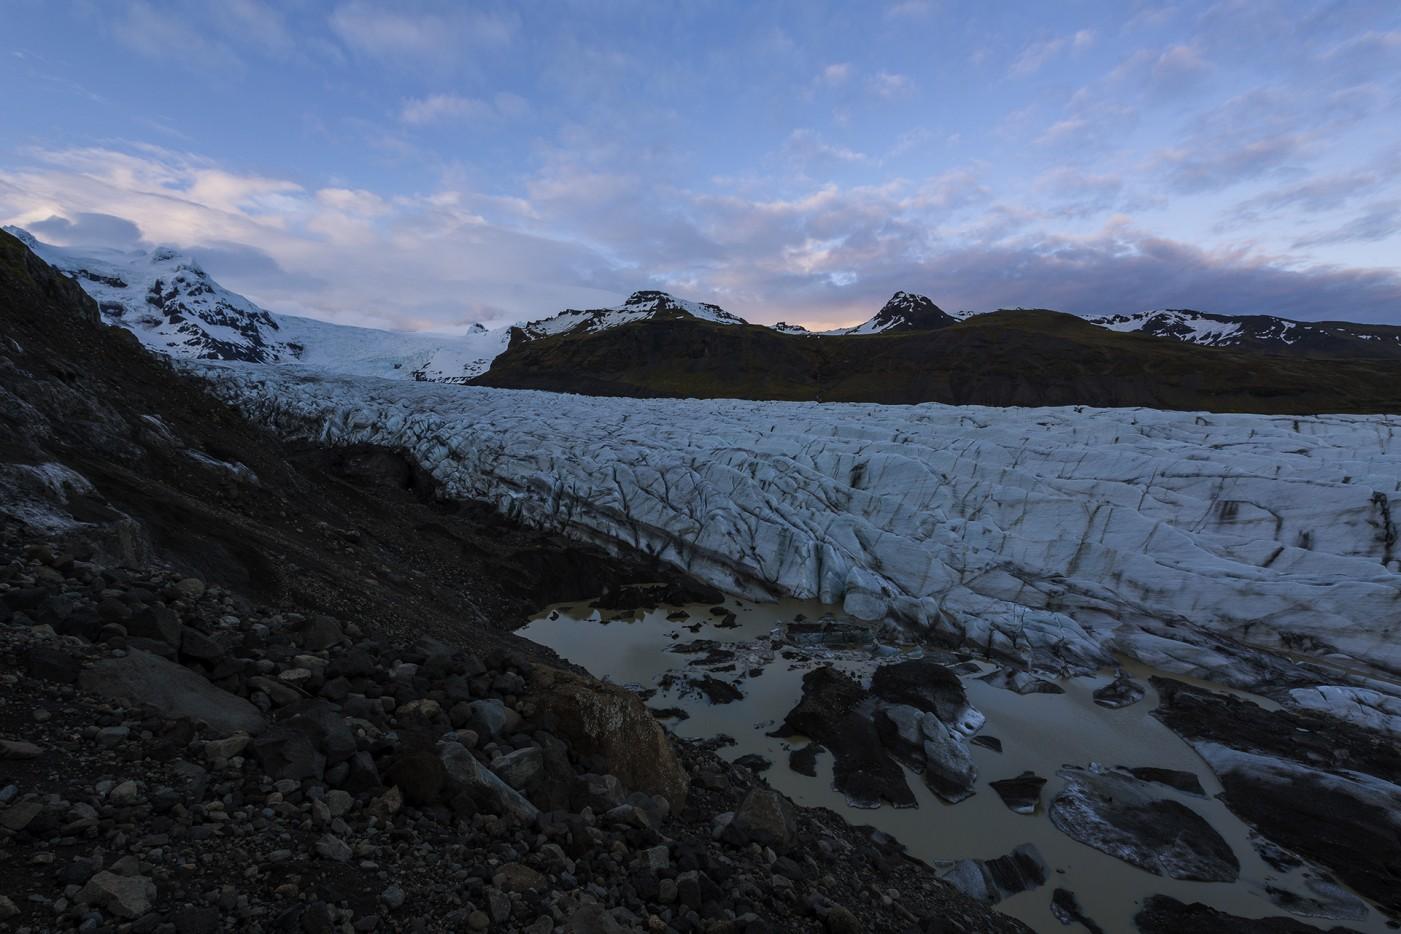 Night at Svinafellsjokull Glacier